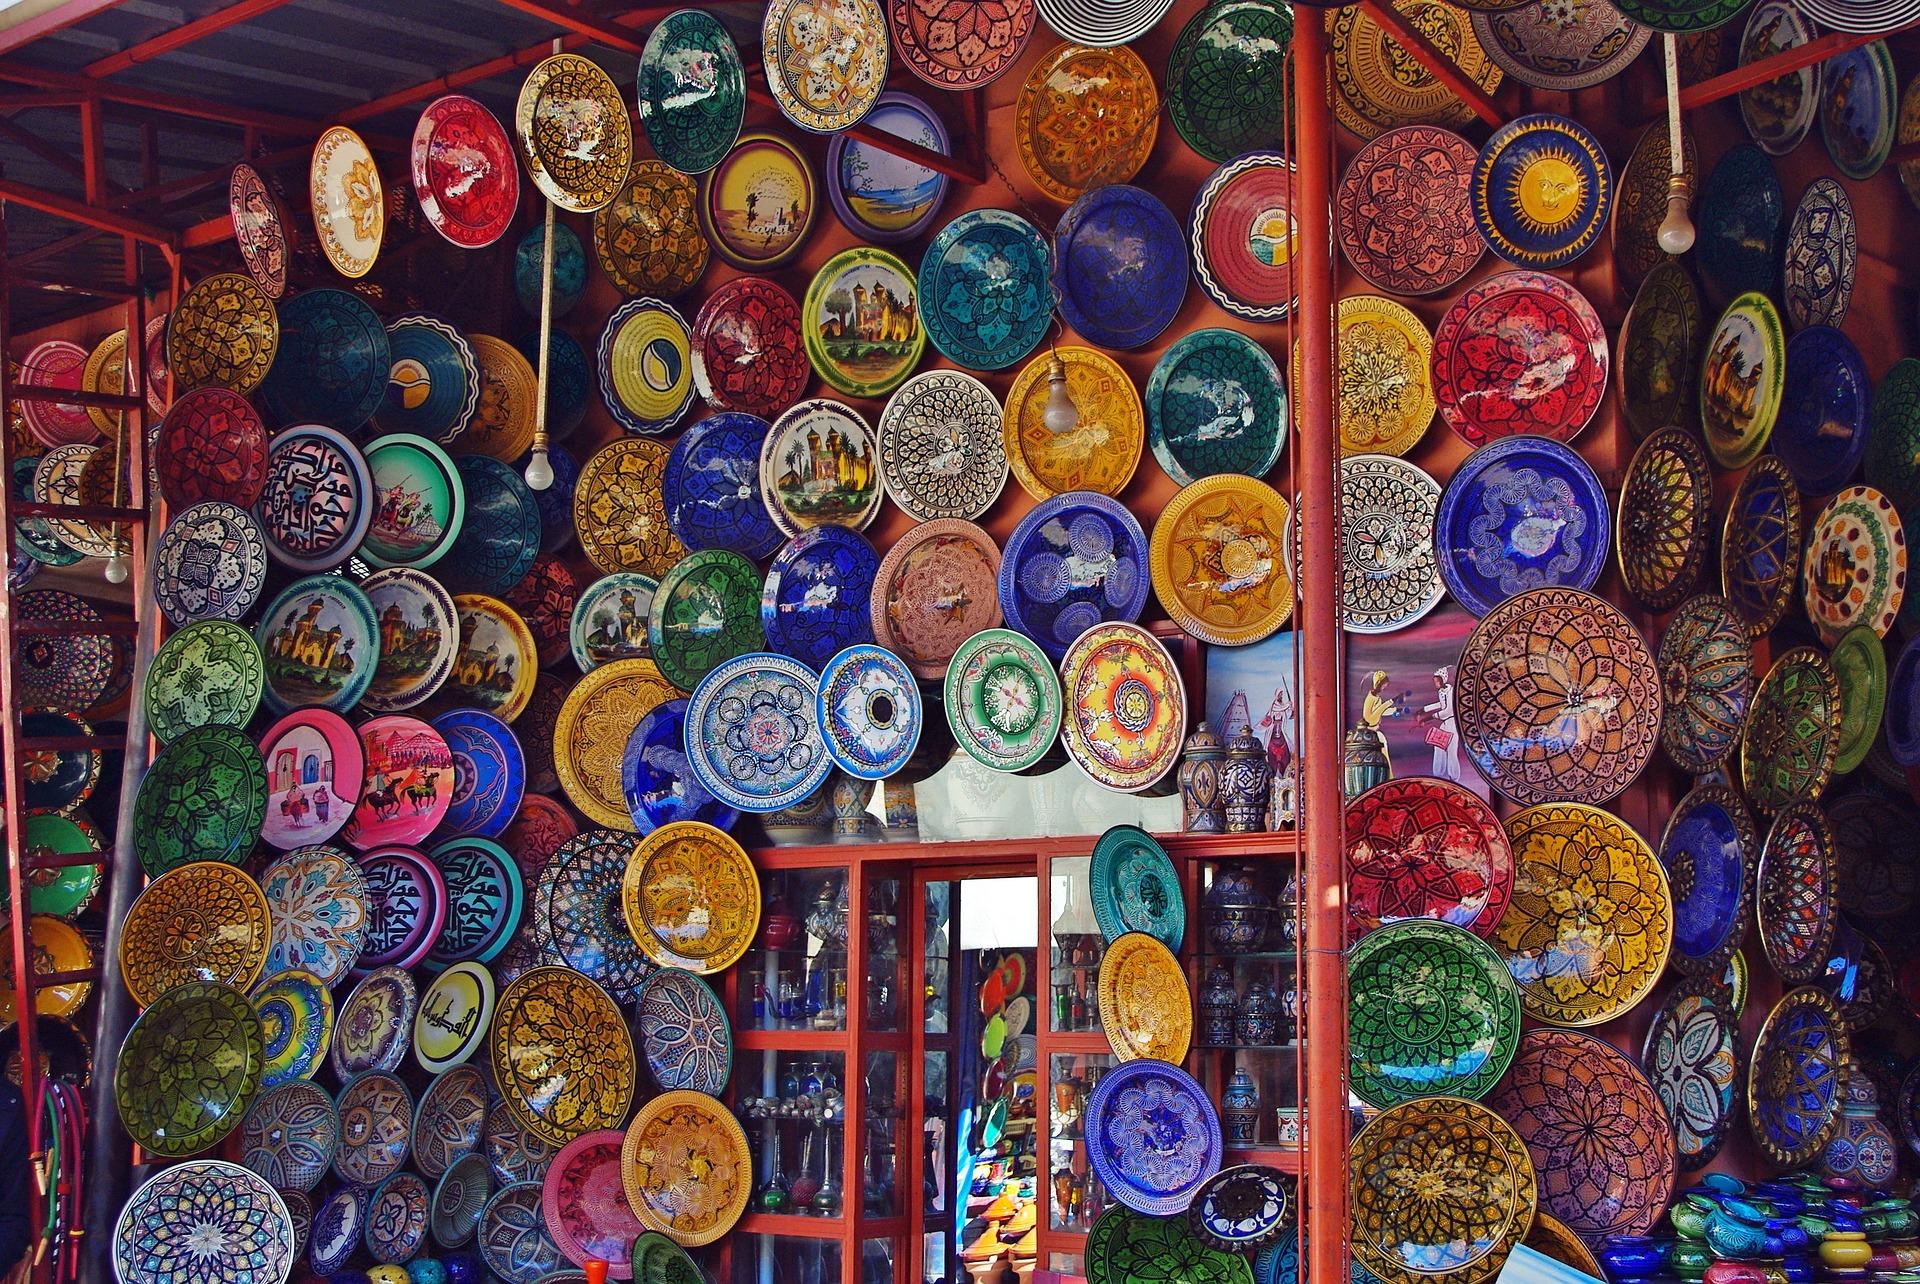 Прогуляетесь по старинным и колоритным рынкам Марракеша, можете купить множество аутентичных сувениров: бабуши (национальную марокканскую обувь), сладости и украшения берберских мастеров, араганское масло и многое другое.